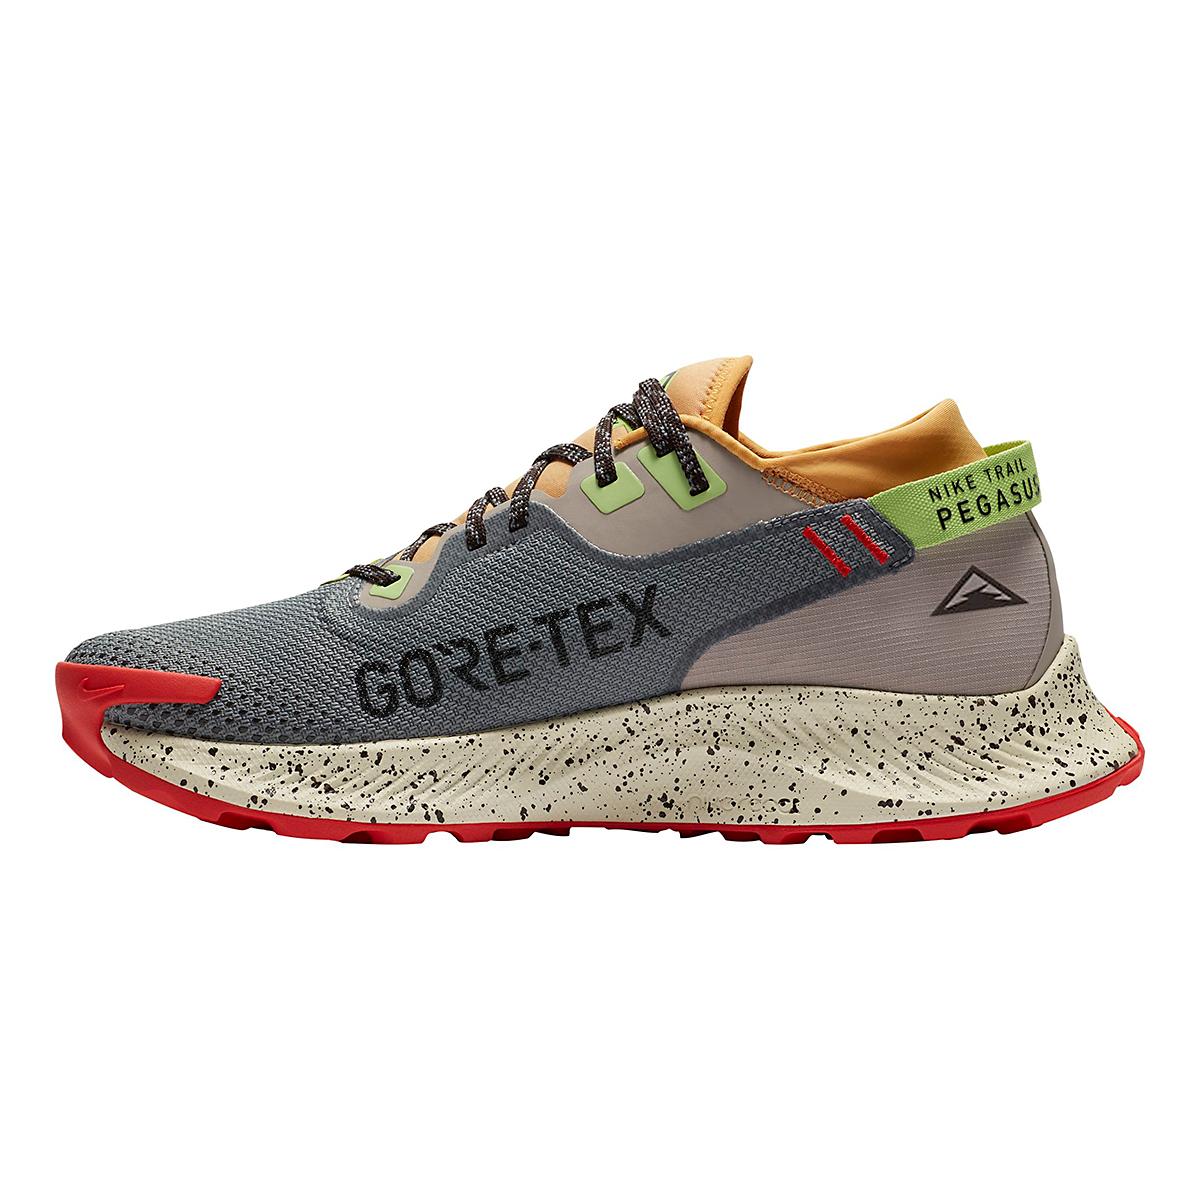 Men's Nike Pegasus Trail 2 Gore-Tex Running Shoe - Color: Smoke Grey/Black-Bucktan-College Grey - Size: 6 - Width: Regular, Smoke Grey/Black-Bucktan-College Grey, large, image 2